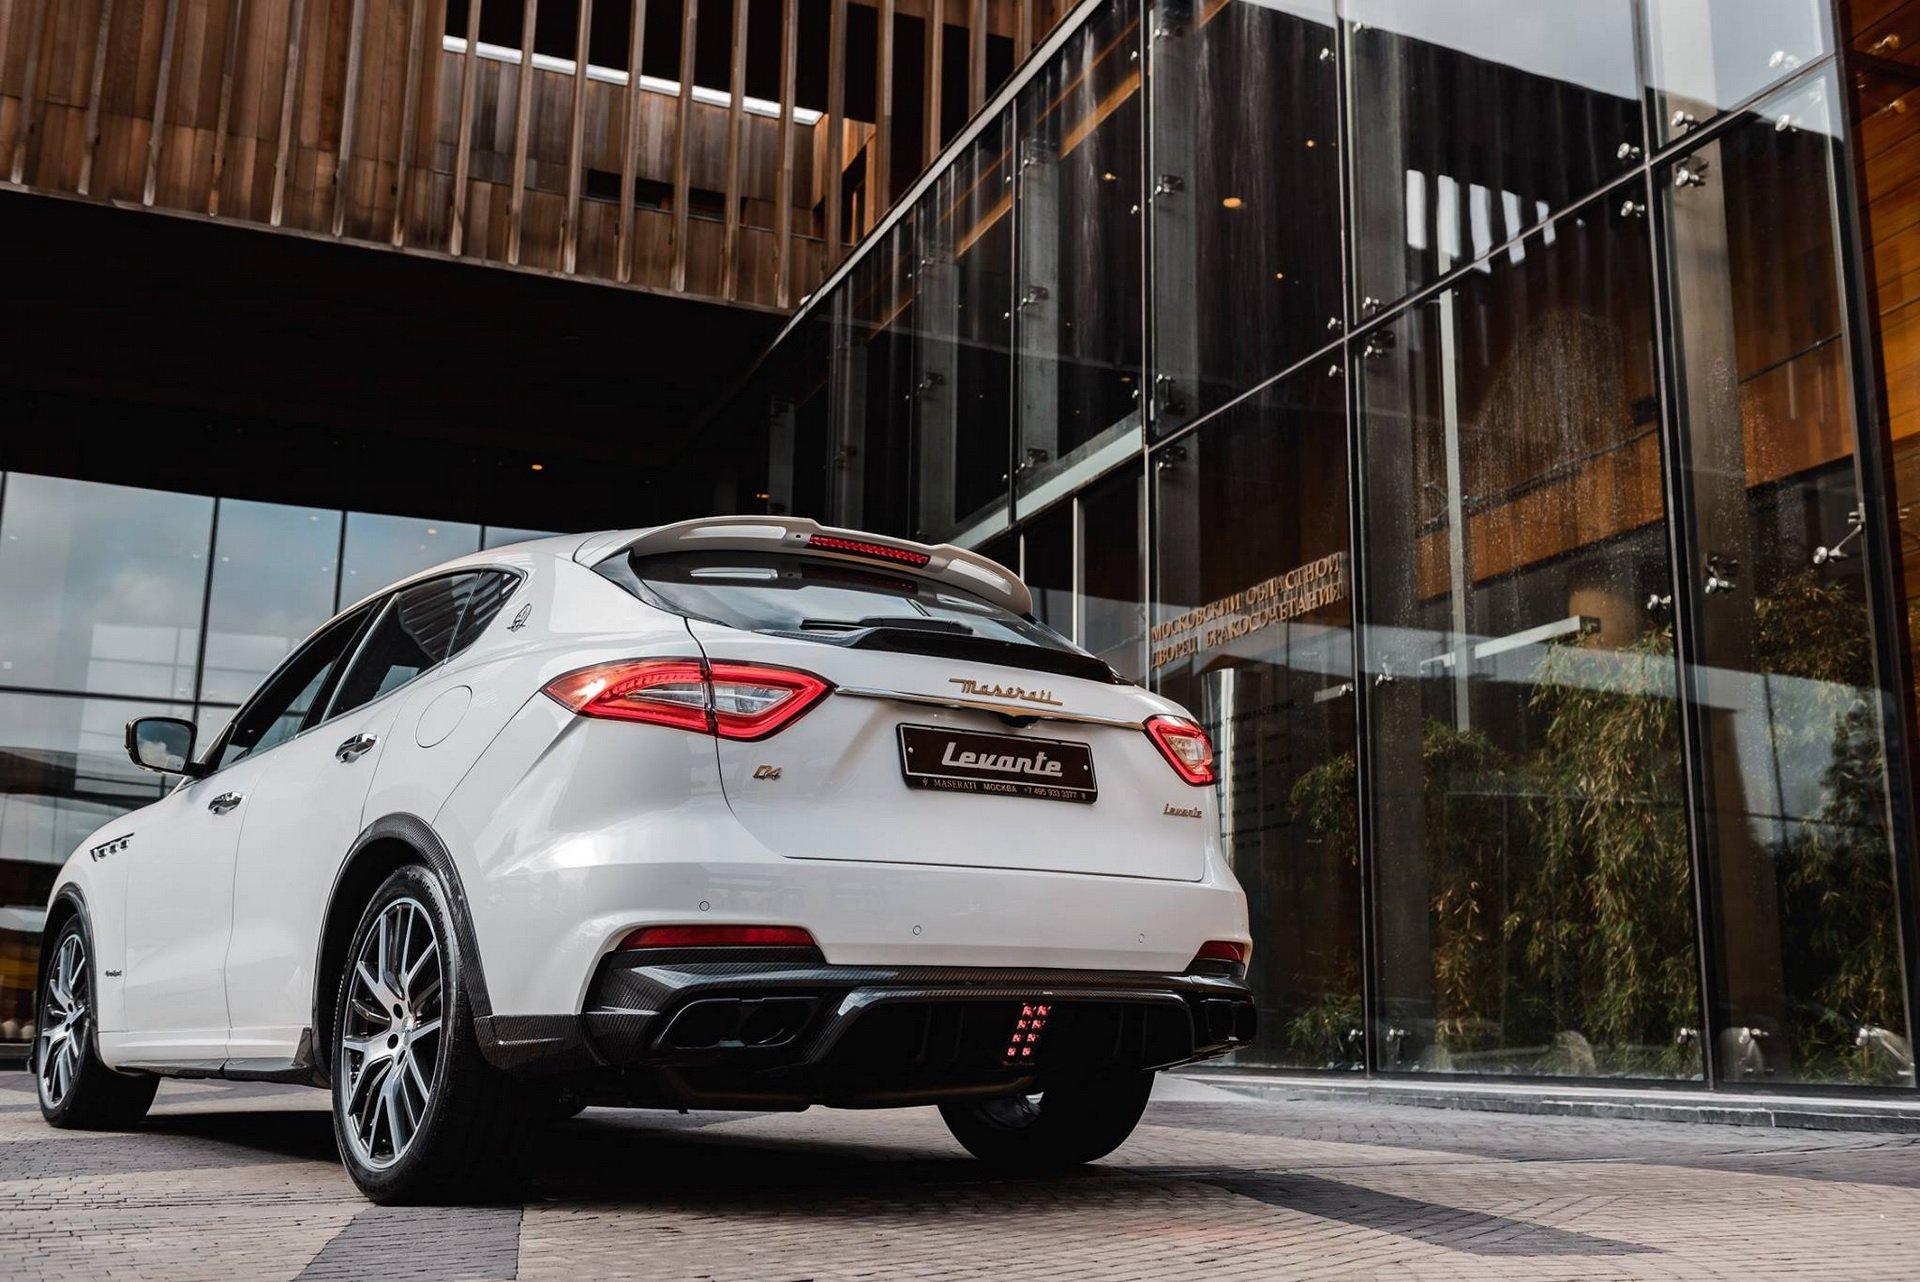 Maserati_Levante_Shtorm_GT_by_Larte_Design_0002